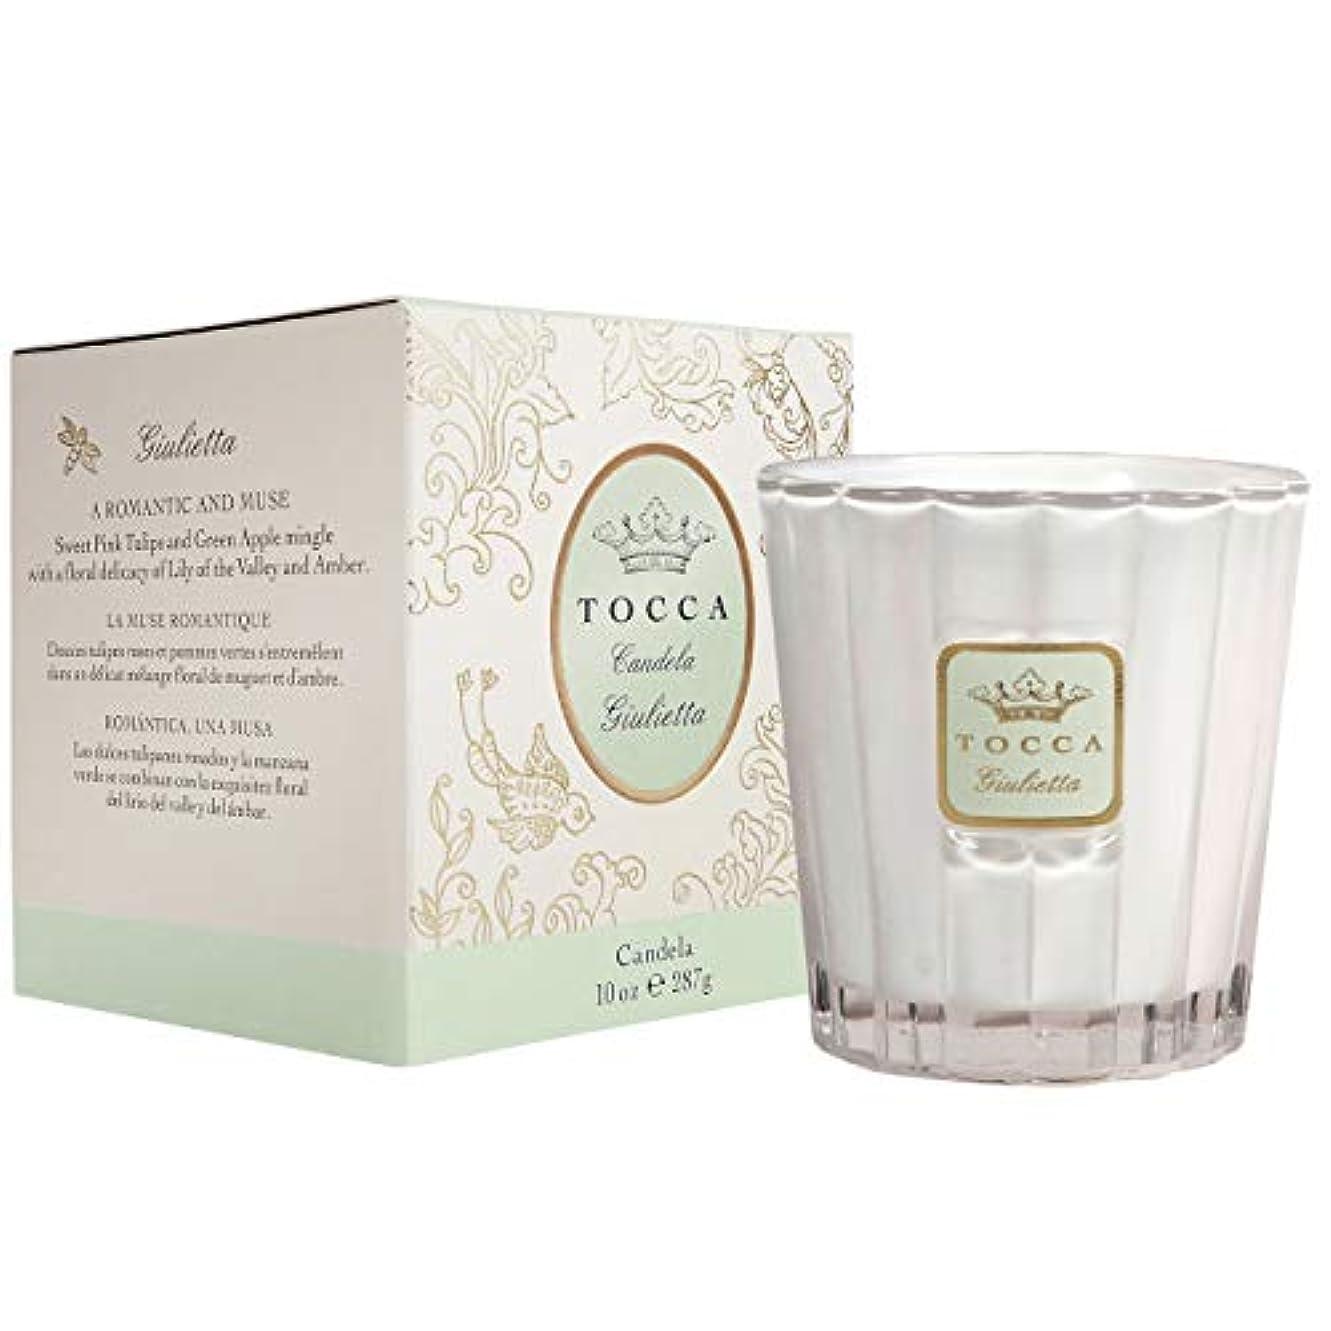 バン代表してるトッカ(TOCCA) キャンドル ジュリエッタの香り 約287g (ろうそく 爽やかで甘い香り)